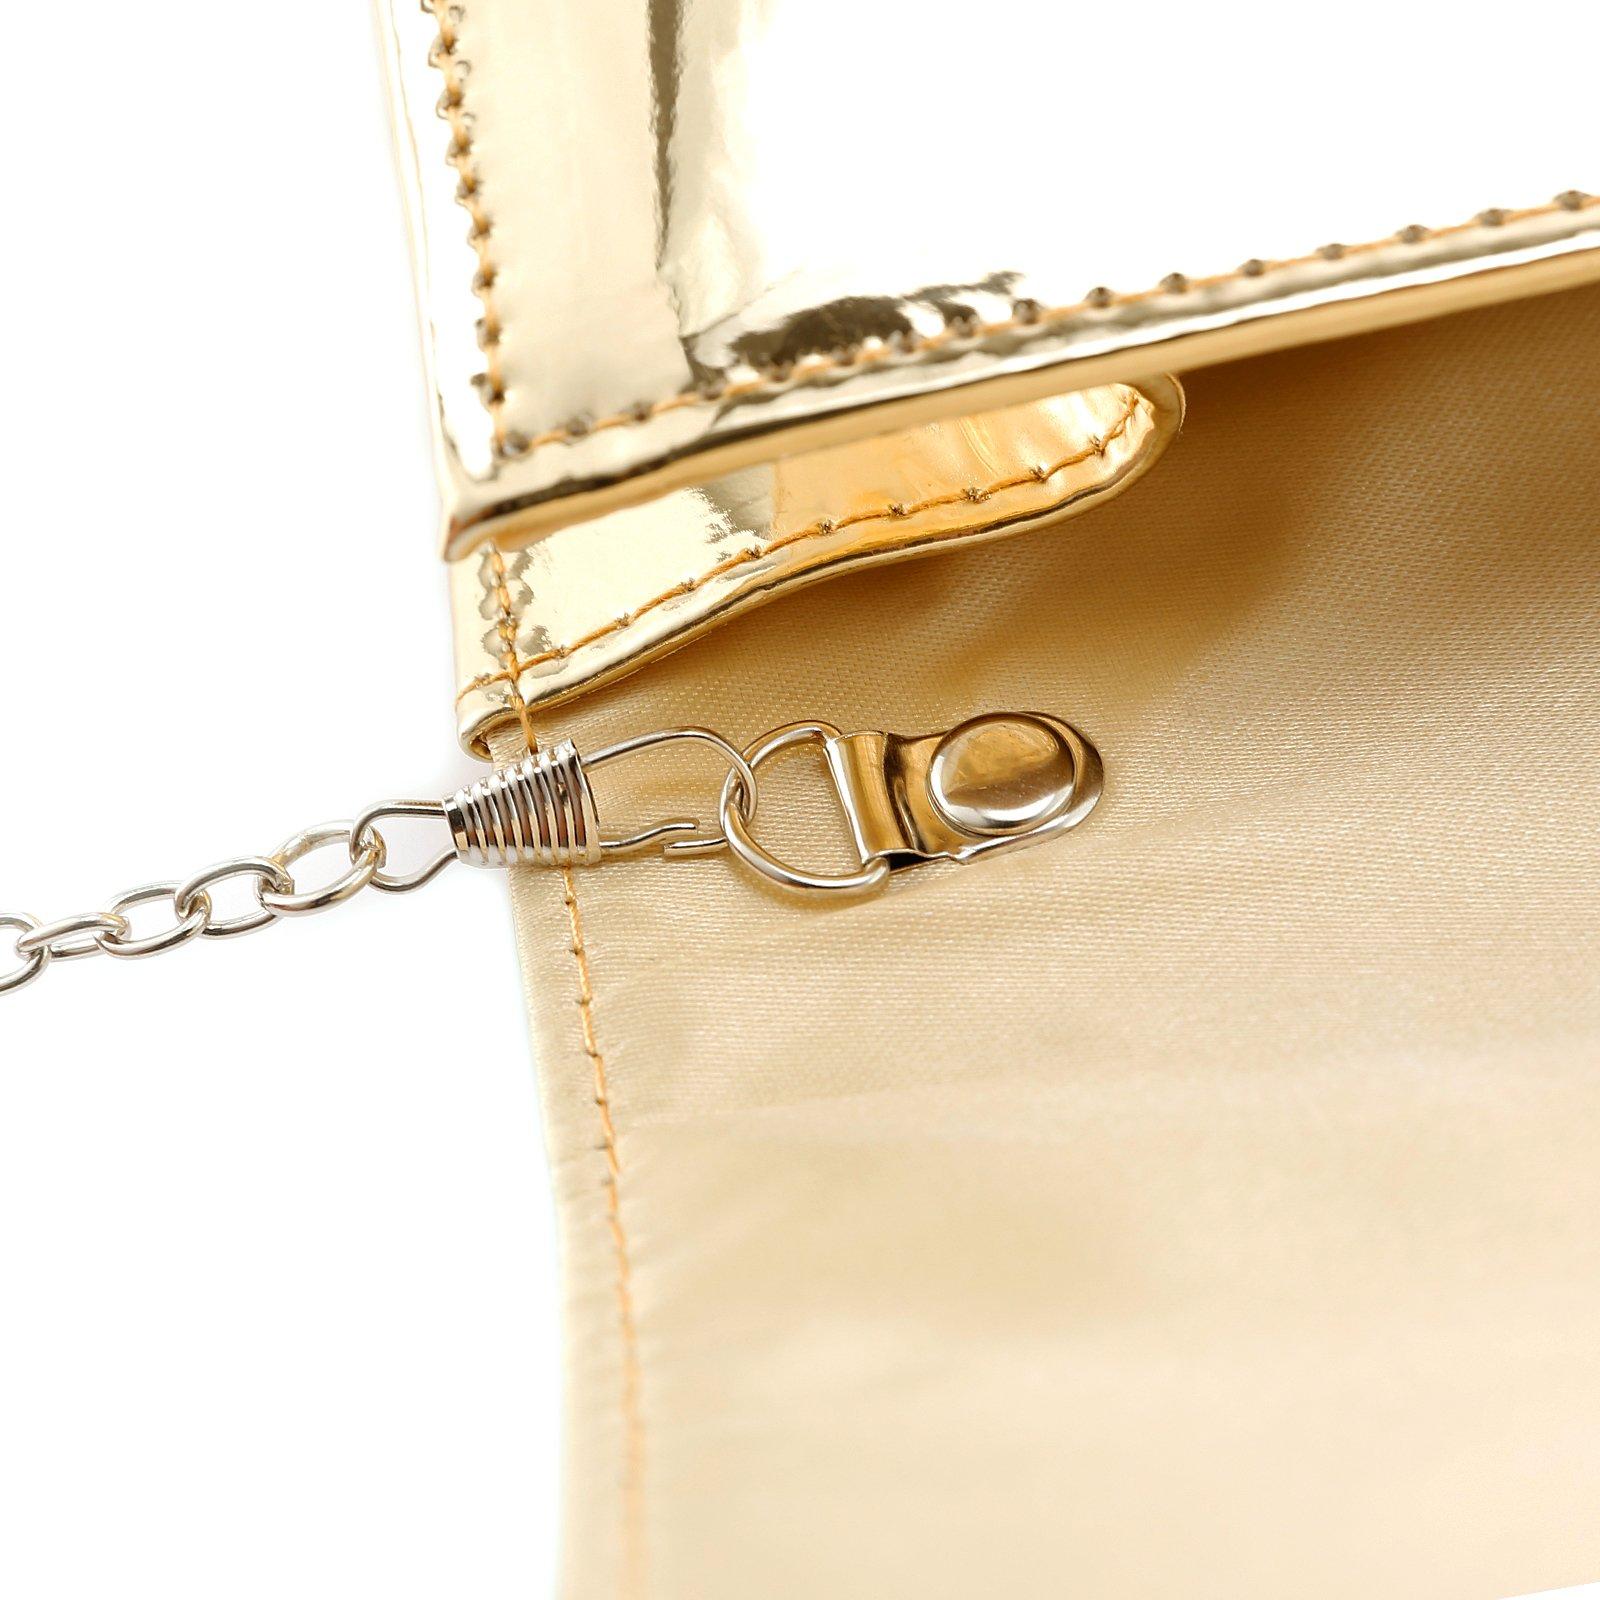 Fraulein38 Designer Mirror Metallic Women Clutch Patent Evening Bag by Fraulein38 (Image #5)